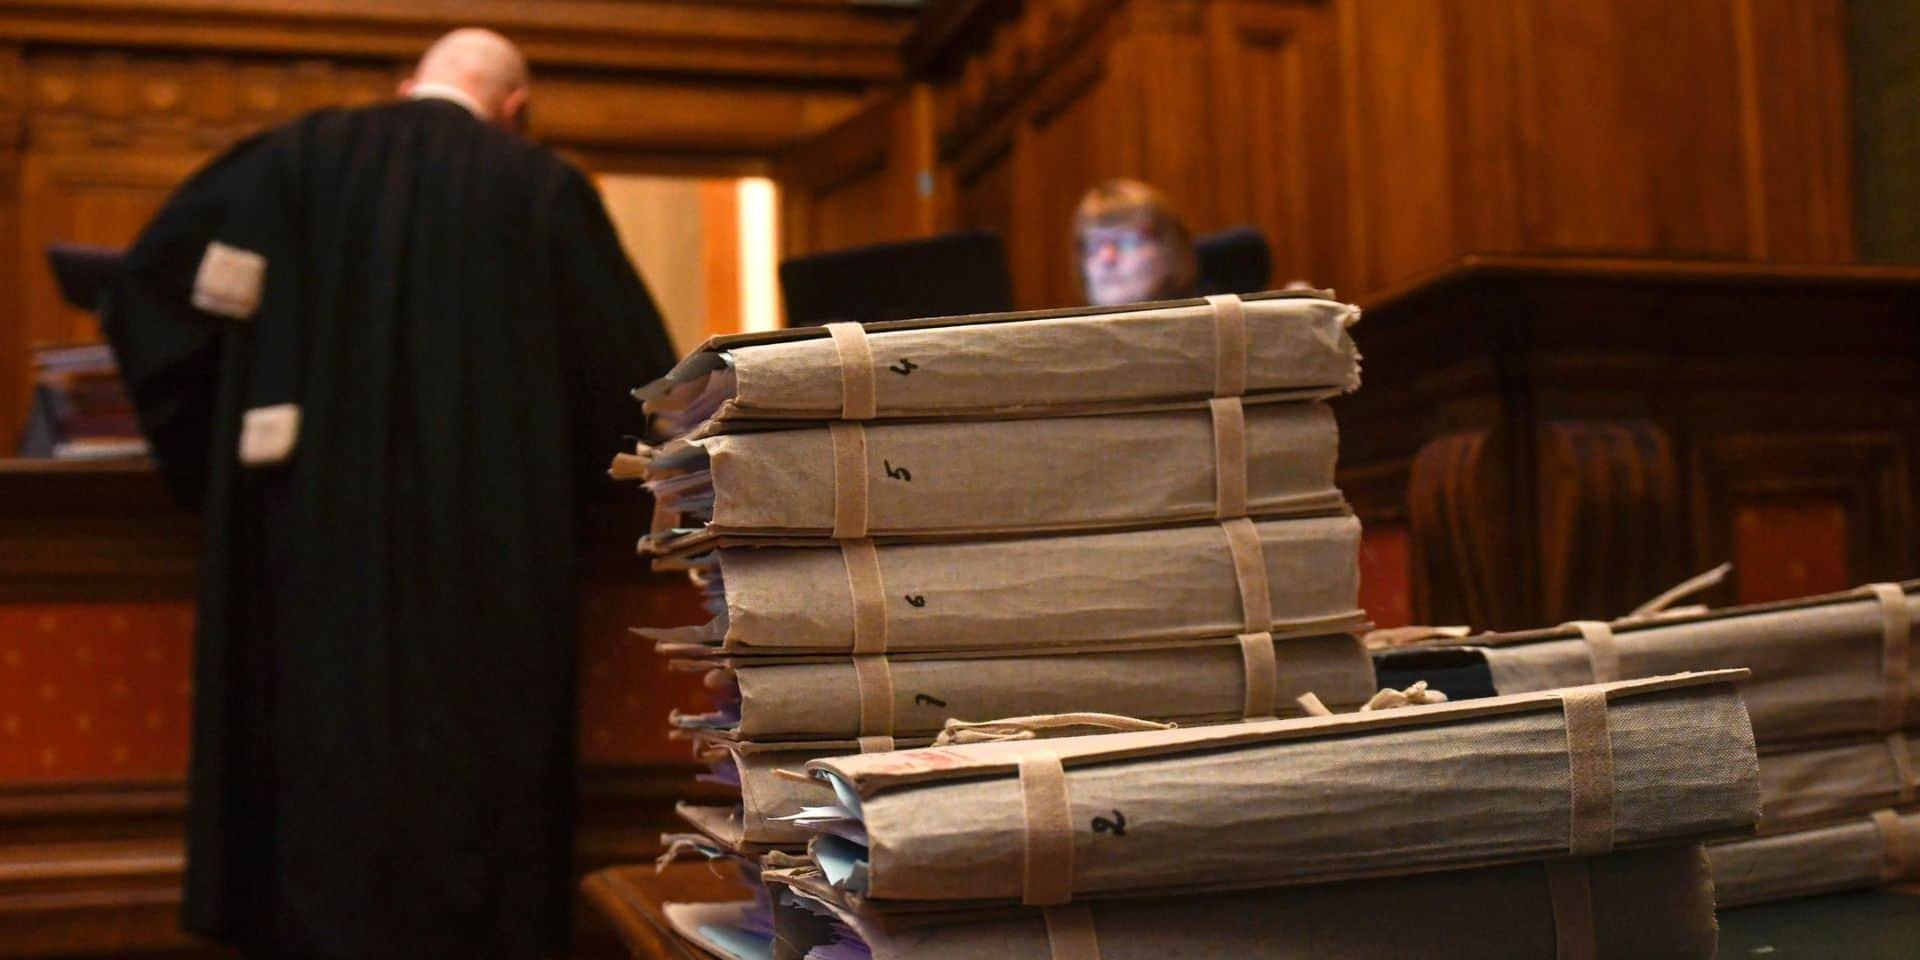 La situation de la cour d'appel du Hainaut est critique